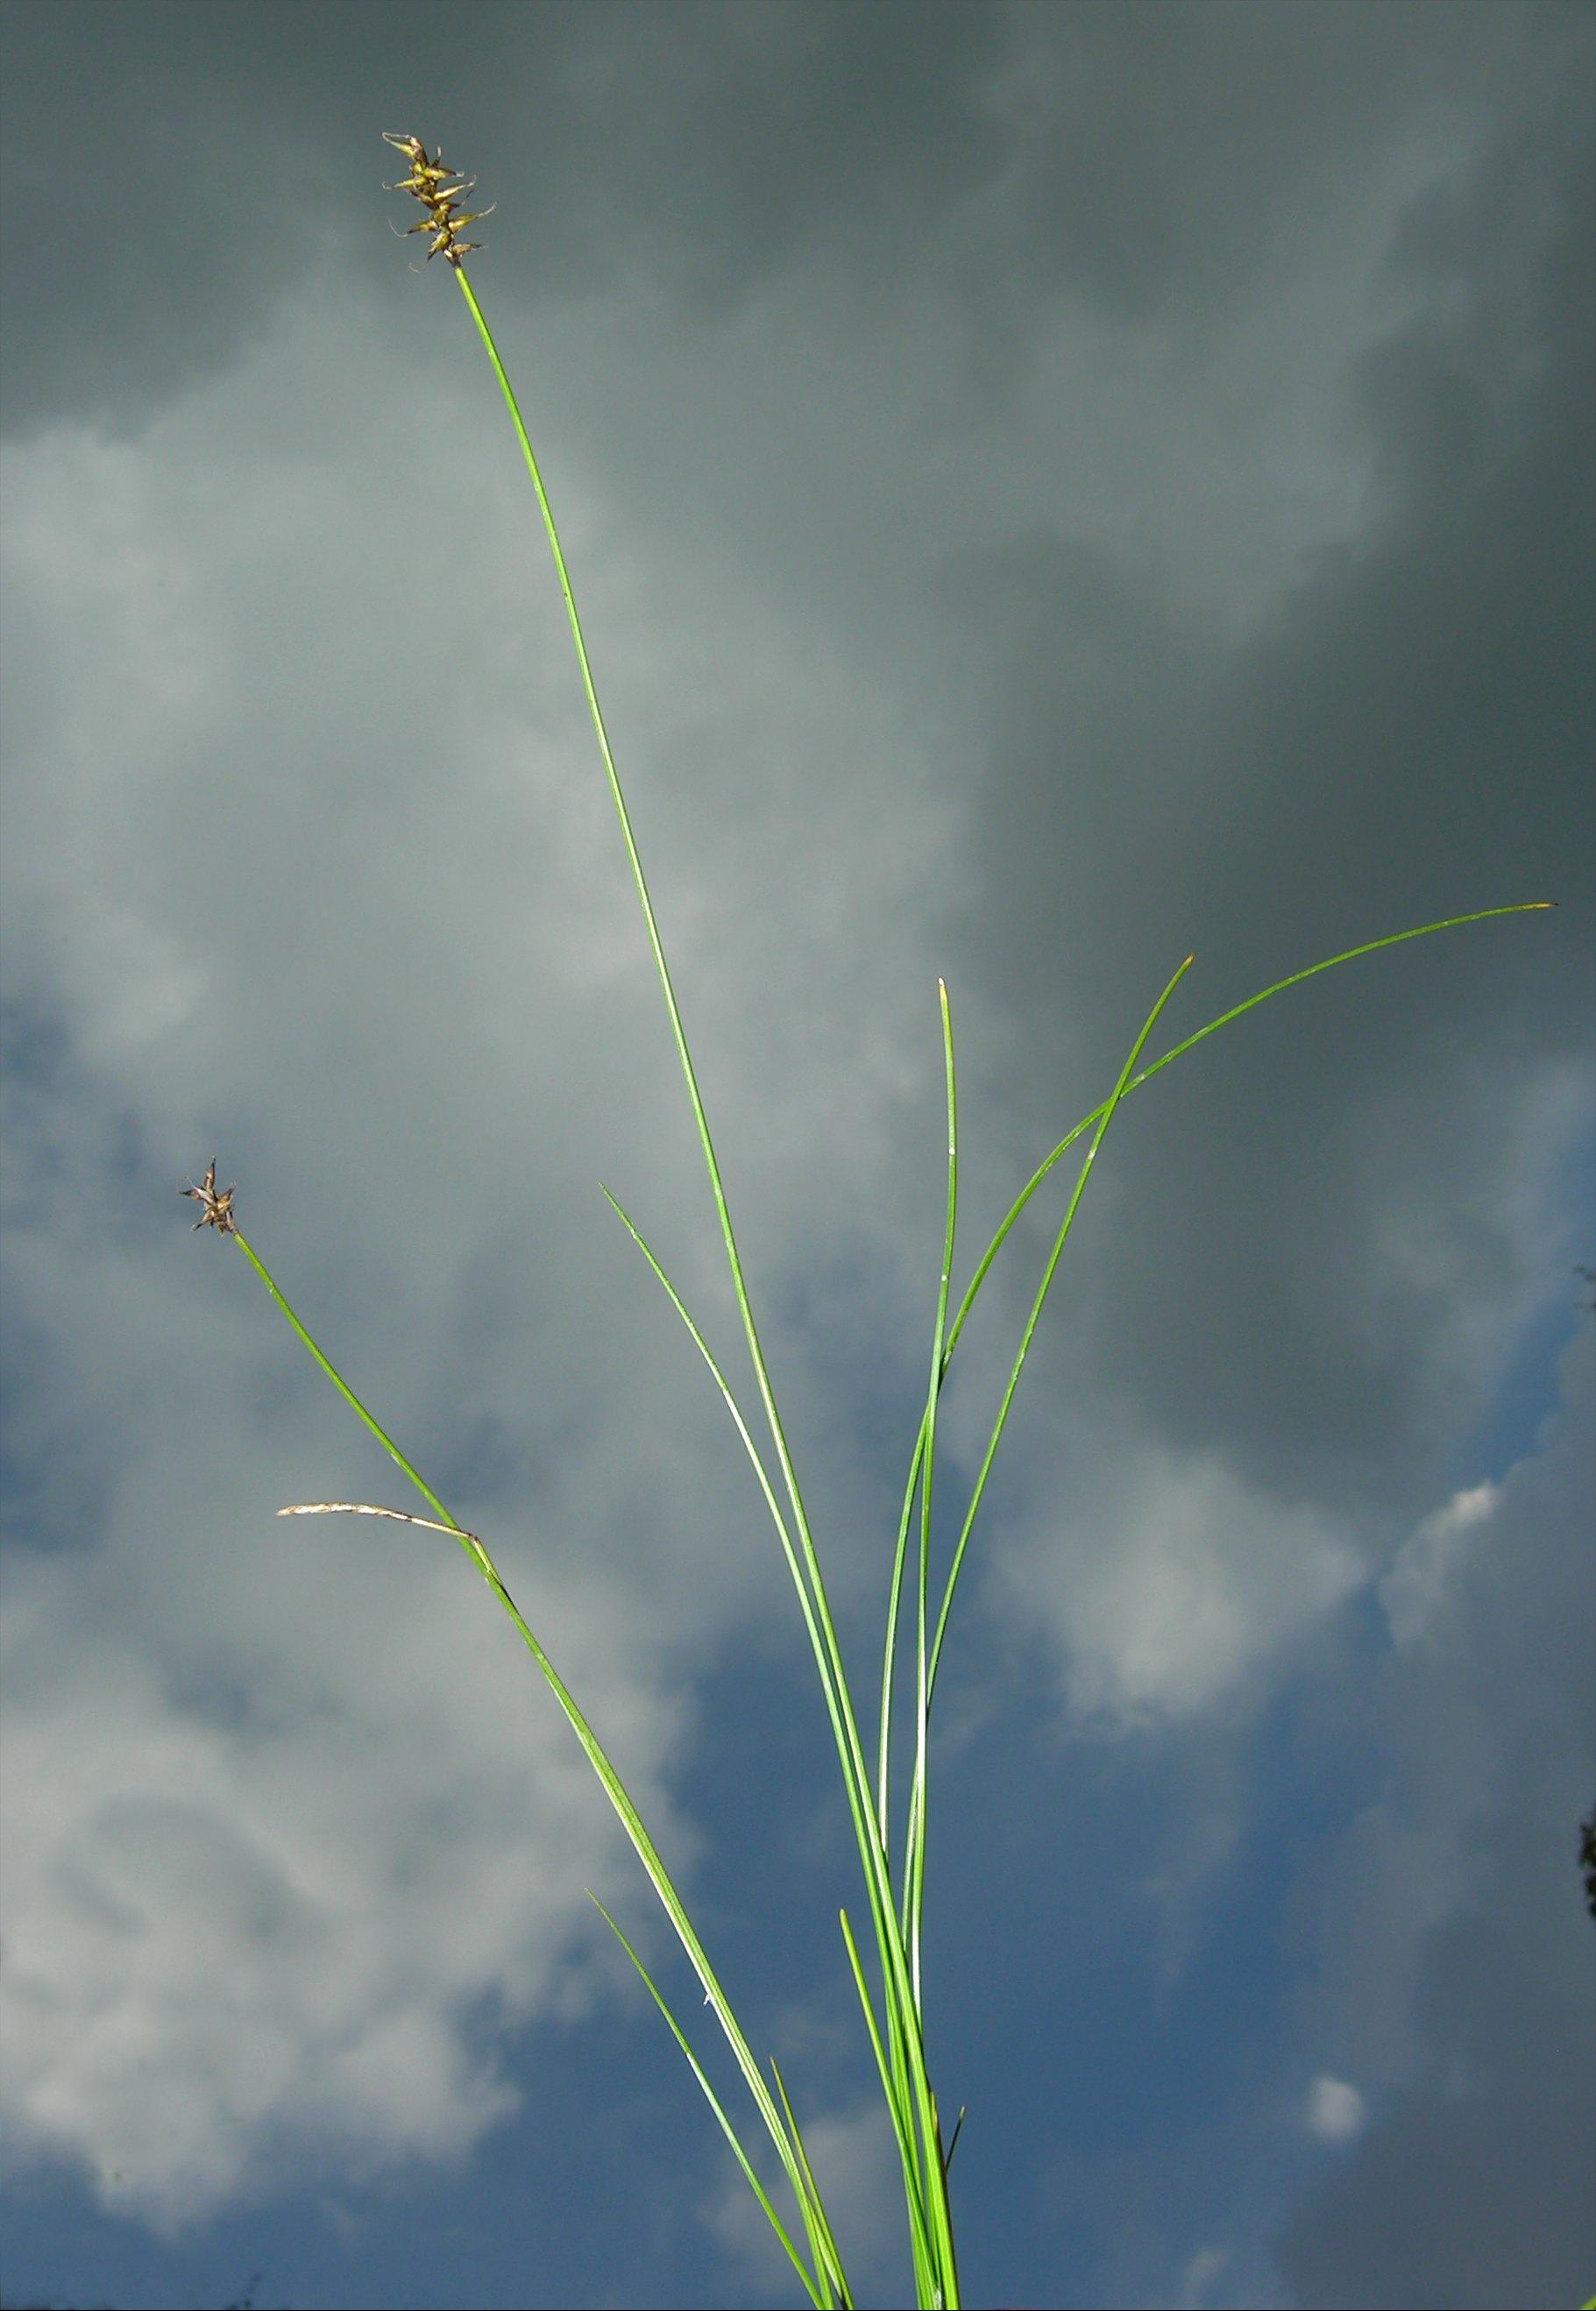 © Dipartimento di Scienze della Vita, Università degli Studi di Trieste<br>by Andrea Moro<br>Comune di Belluno, località Nevegal, Orto Botanico. , BL, Veneto, Italia, 03/07/2006<br>Distributed under CC-BY-SA 4.0 license.